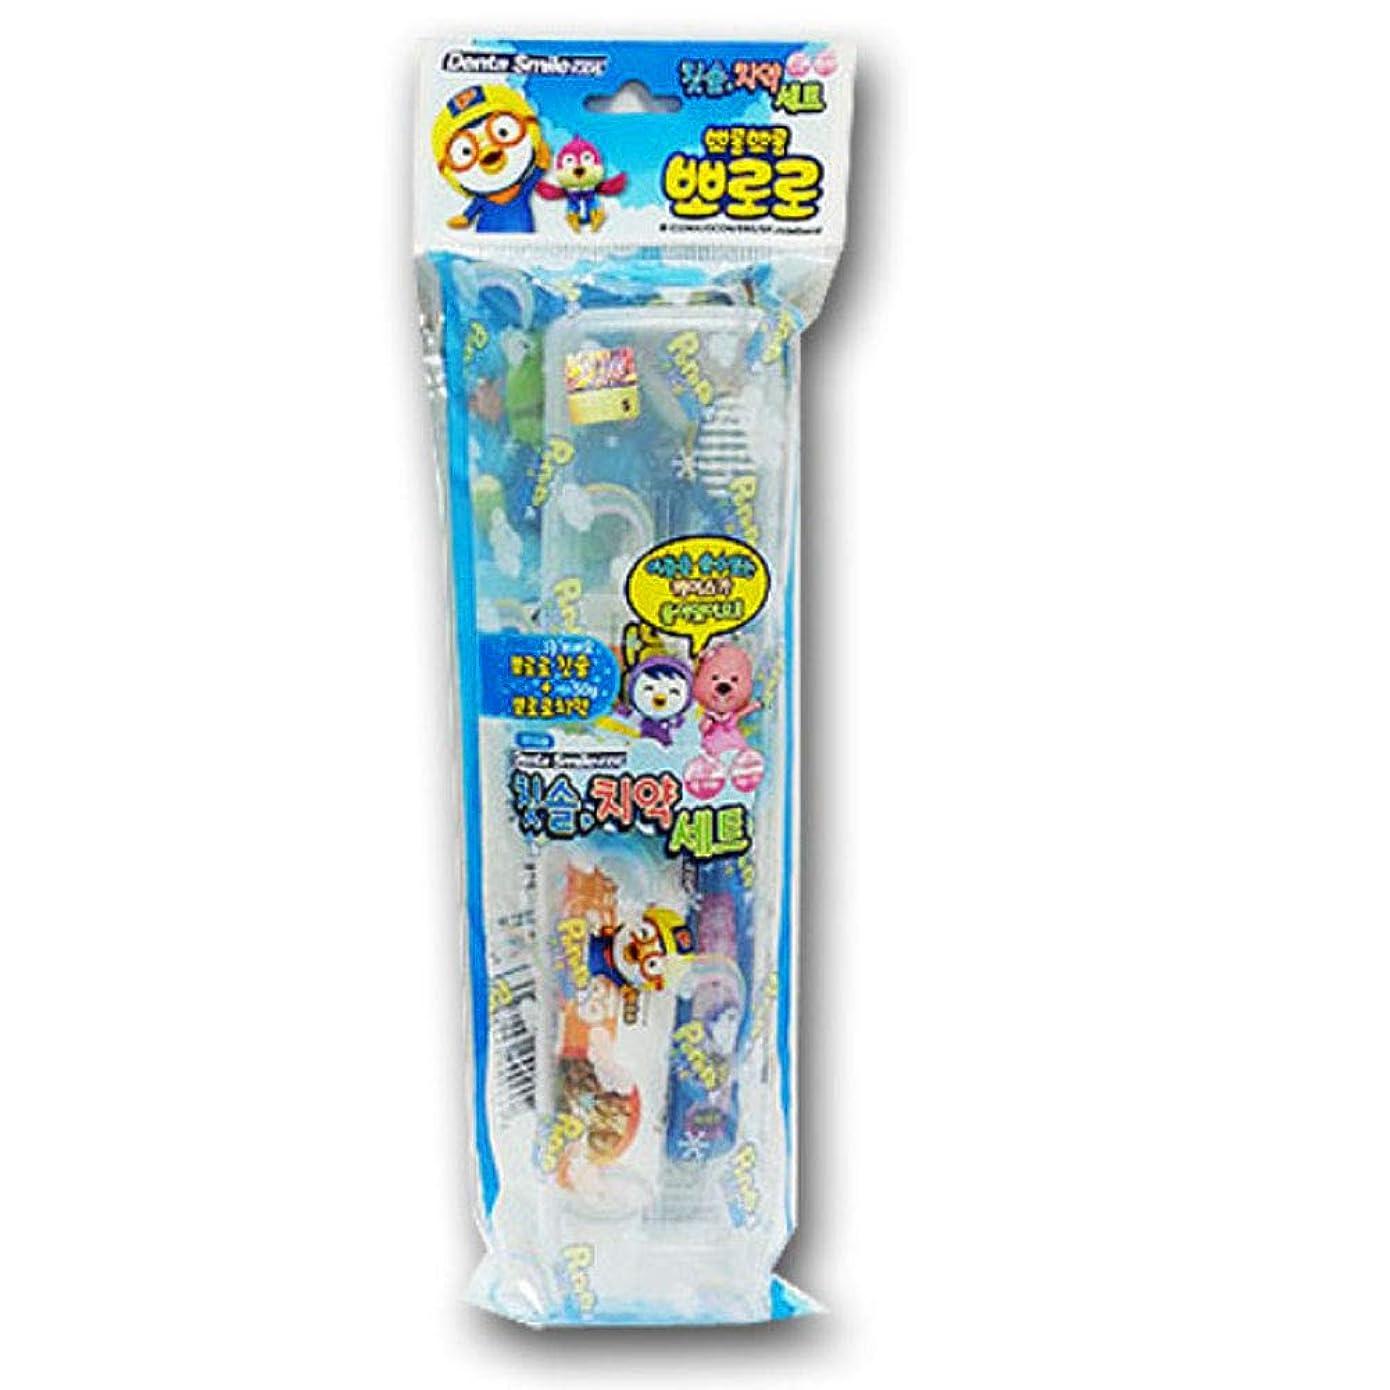 繊細下持続するPororo&Friendsポータブル歯磨き粉歯ブラシセットパイナップル香50g.